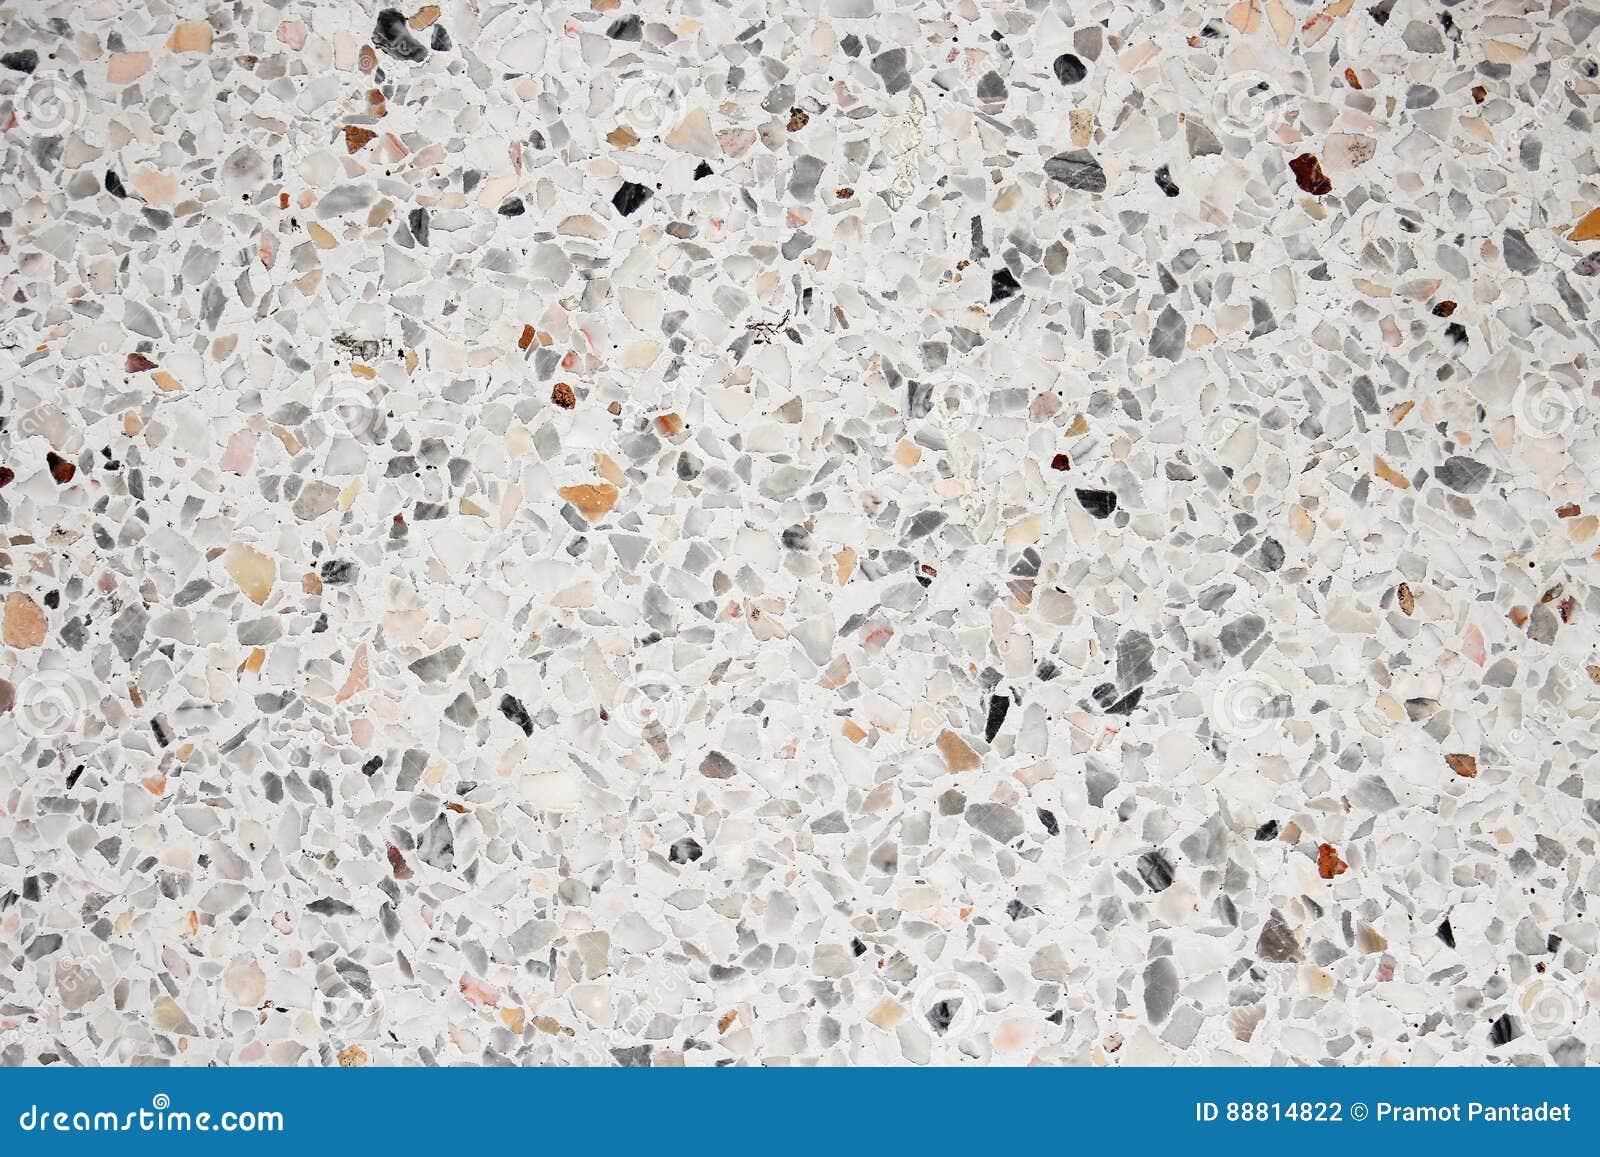 terrazzo floor background stock - photo #18